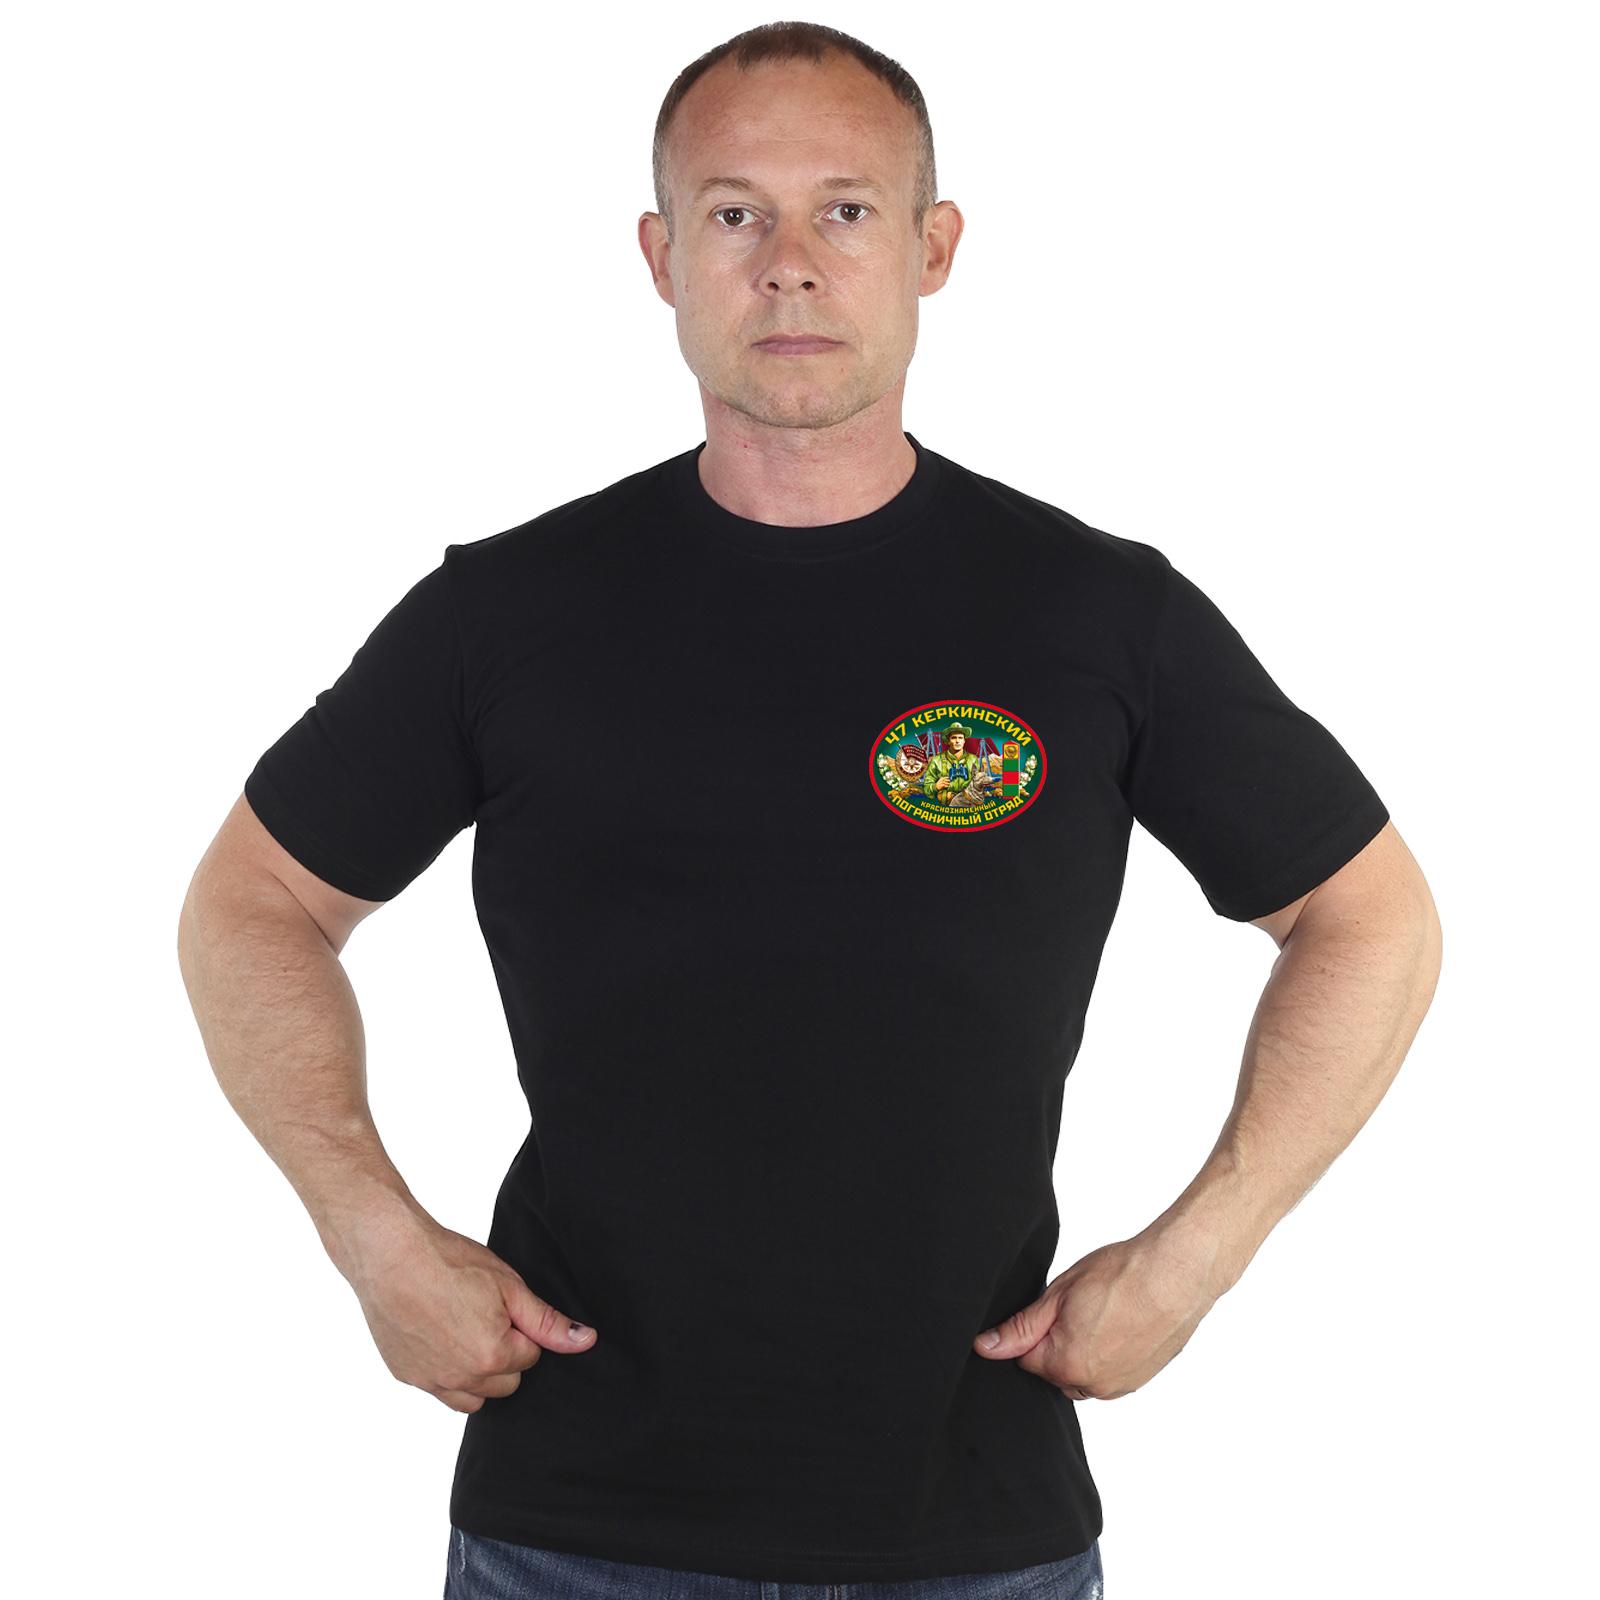 Заказать мужскую футболку 47 Керкинский пограничный отряд